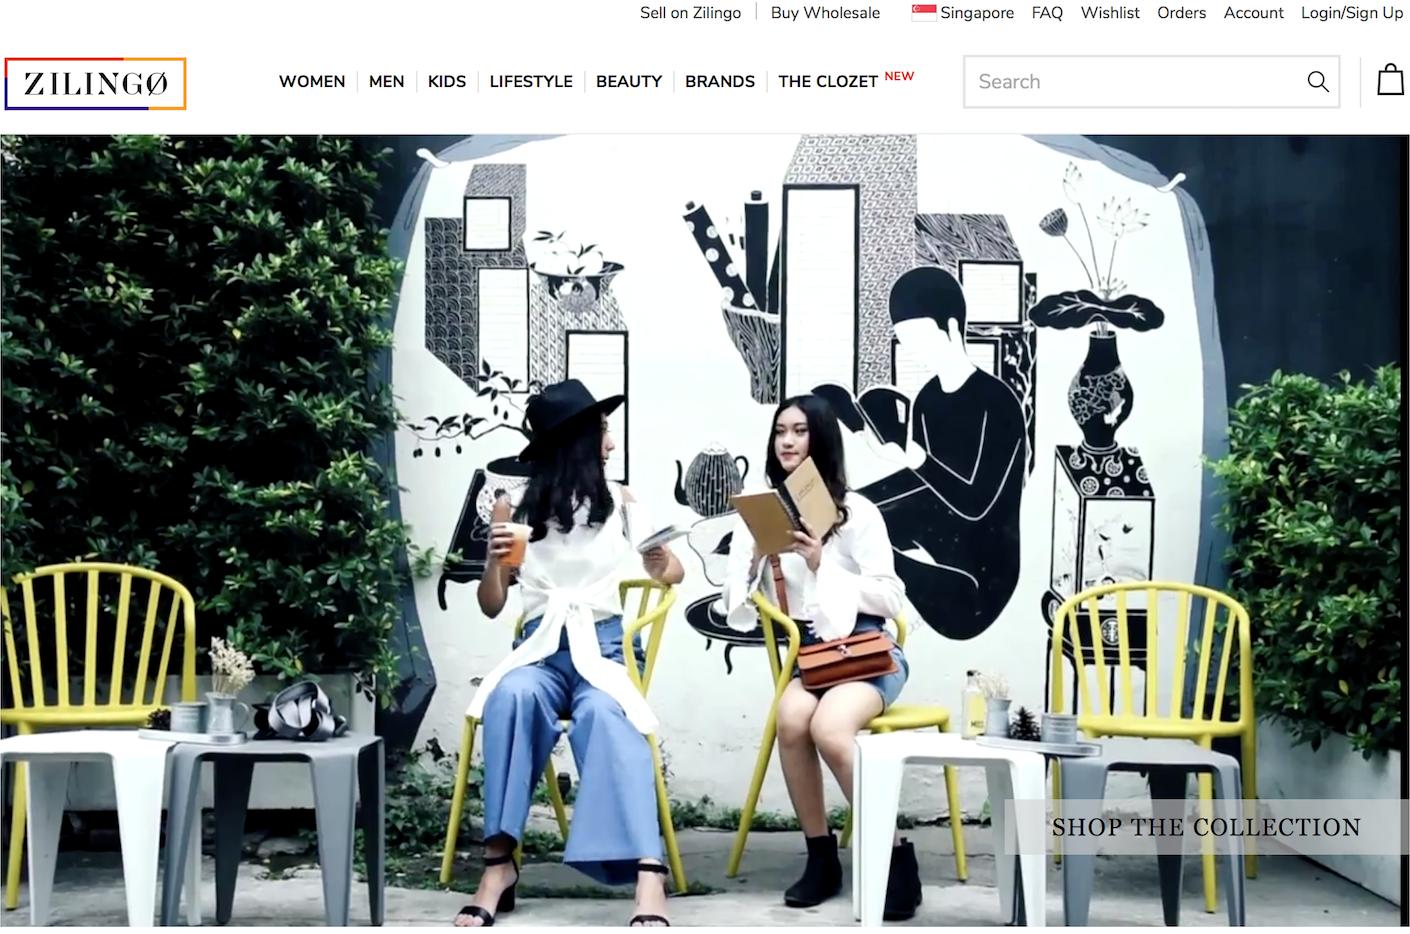 新加坡时尚、美妆和生活方式电商公司Zilingo 完成5400万美元C轮融资